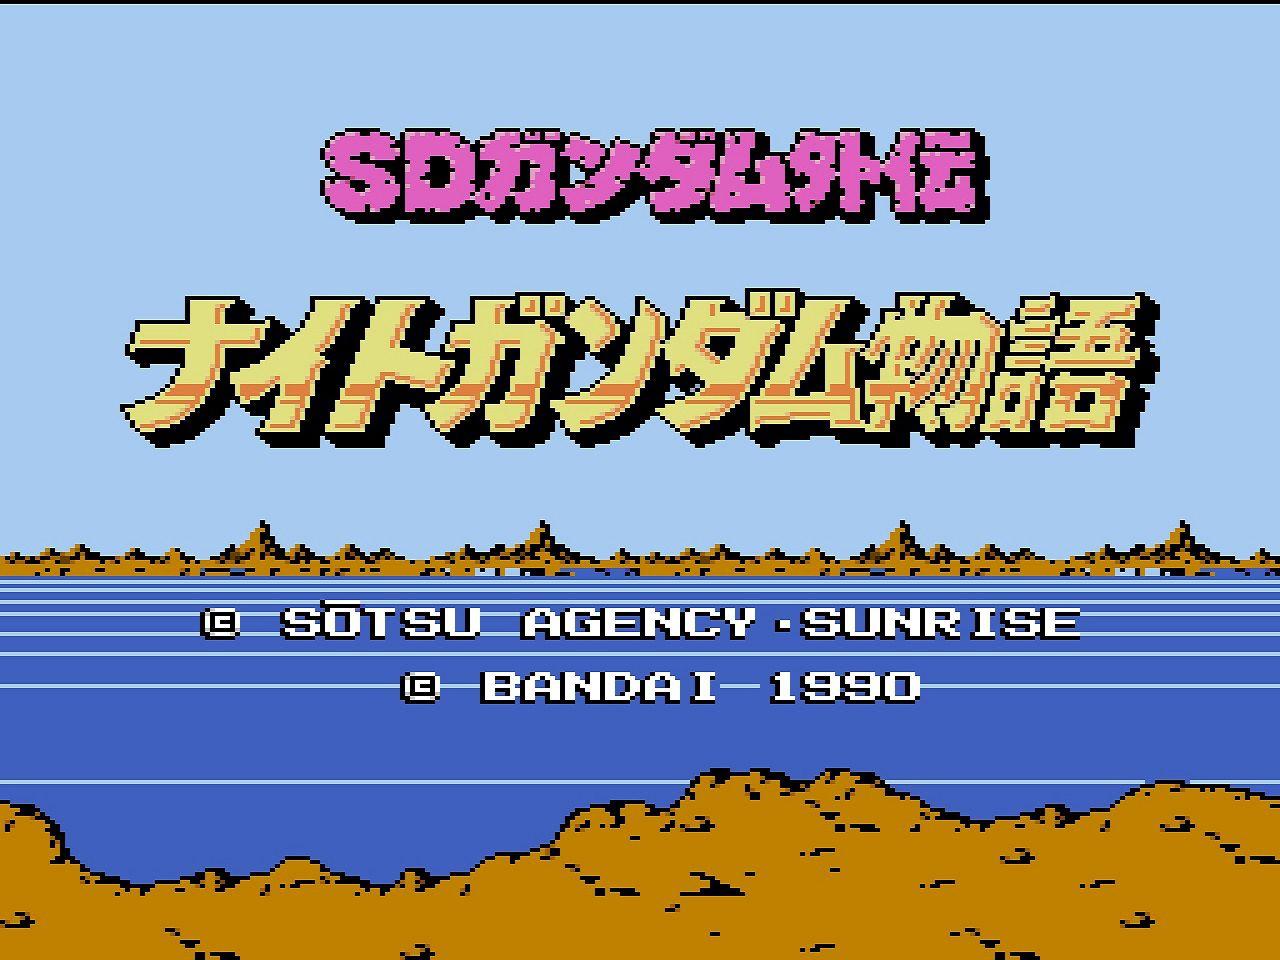 キャラゲー屈指の名作! ファミコン『SDガンダム外伝 ナイトガンダム物語』は「かゆいところに手が届く」RPGだったの画像001